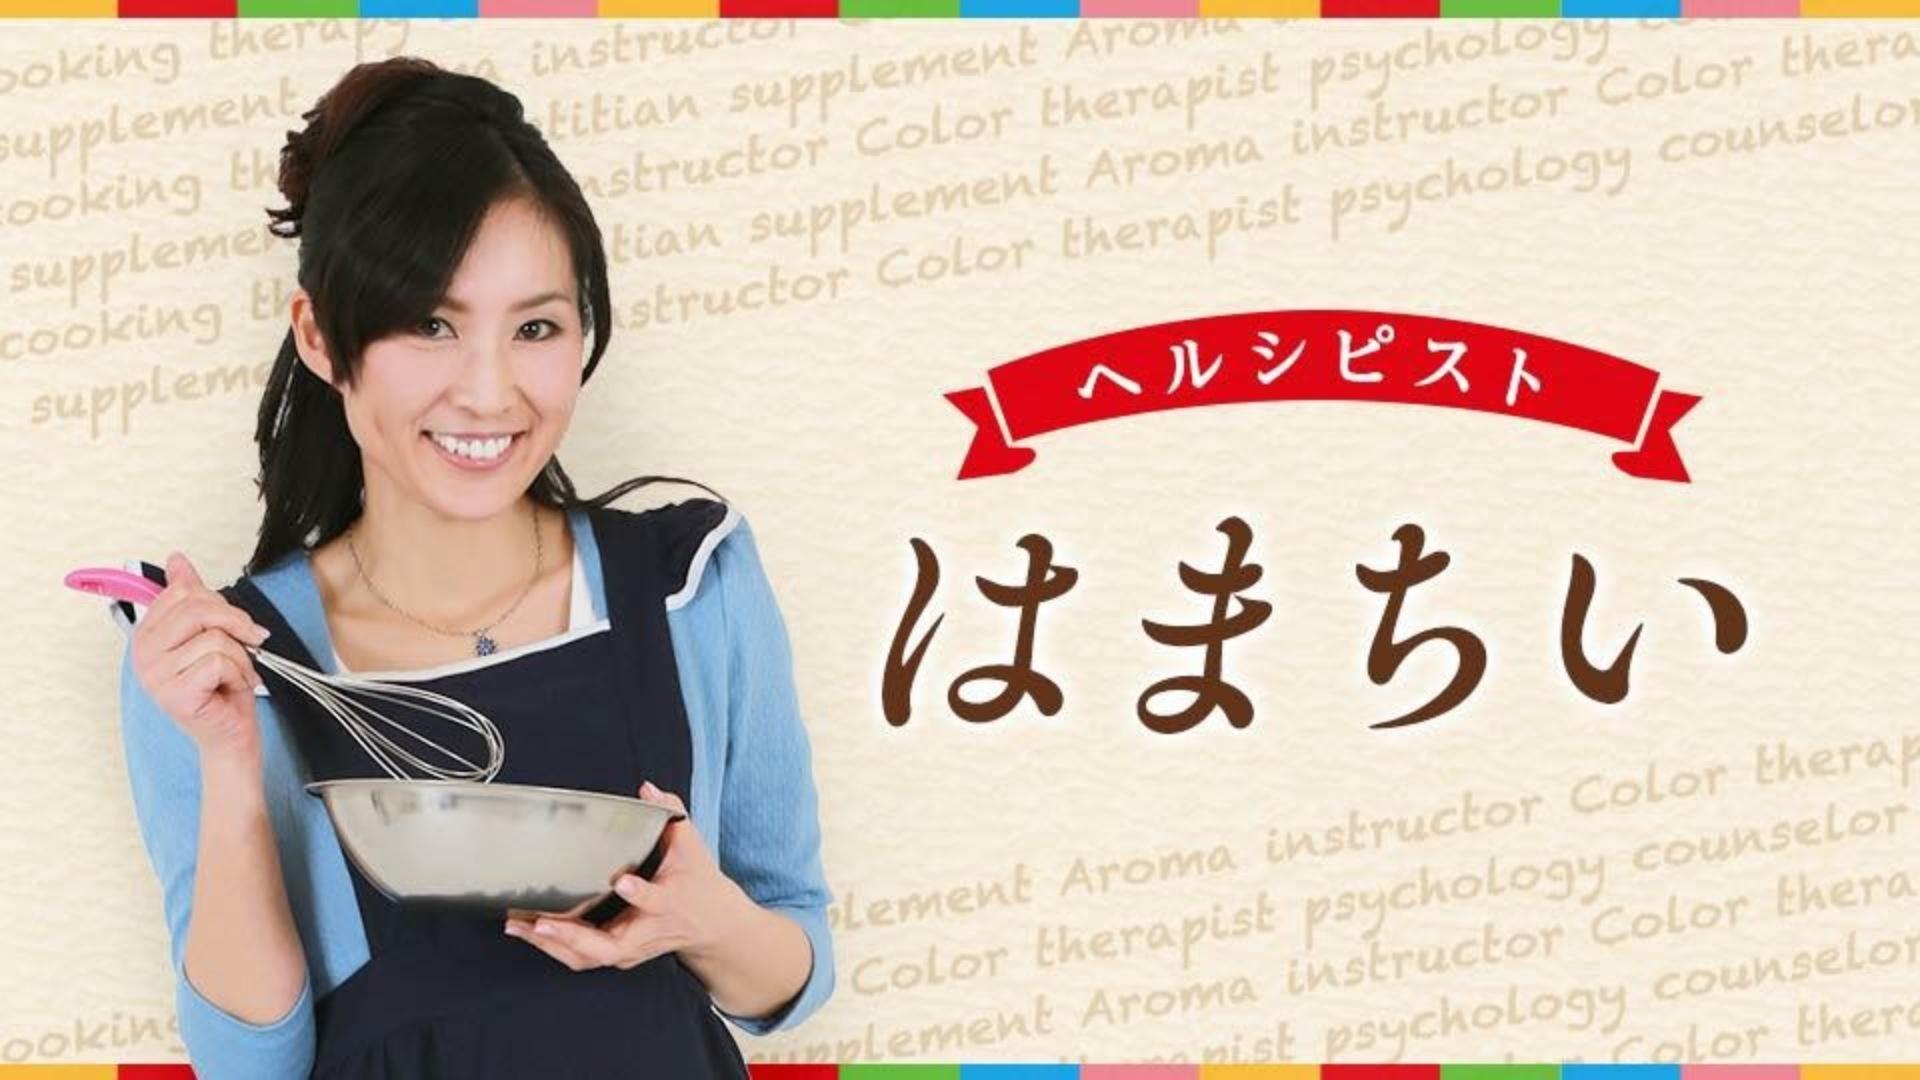 はまちい - 美肌健康レシピお料理&美容教室 - DMM オンラインサロン